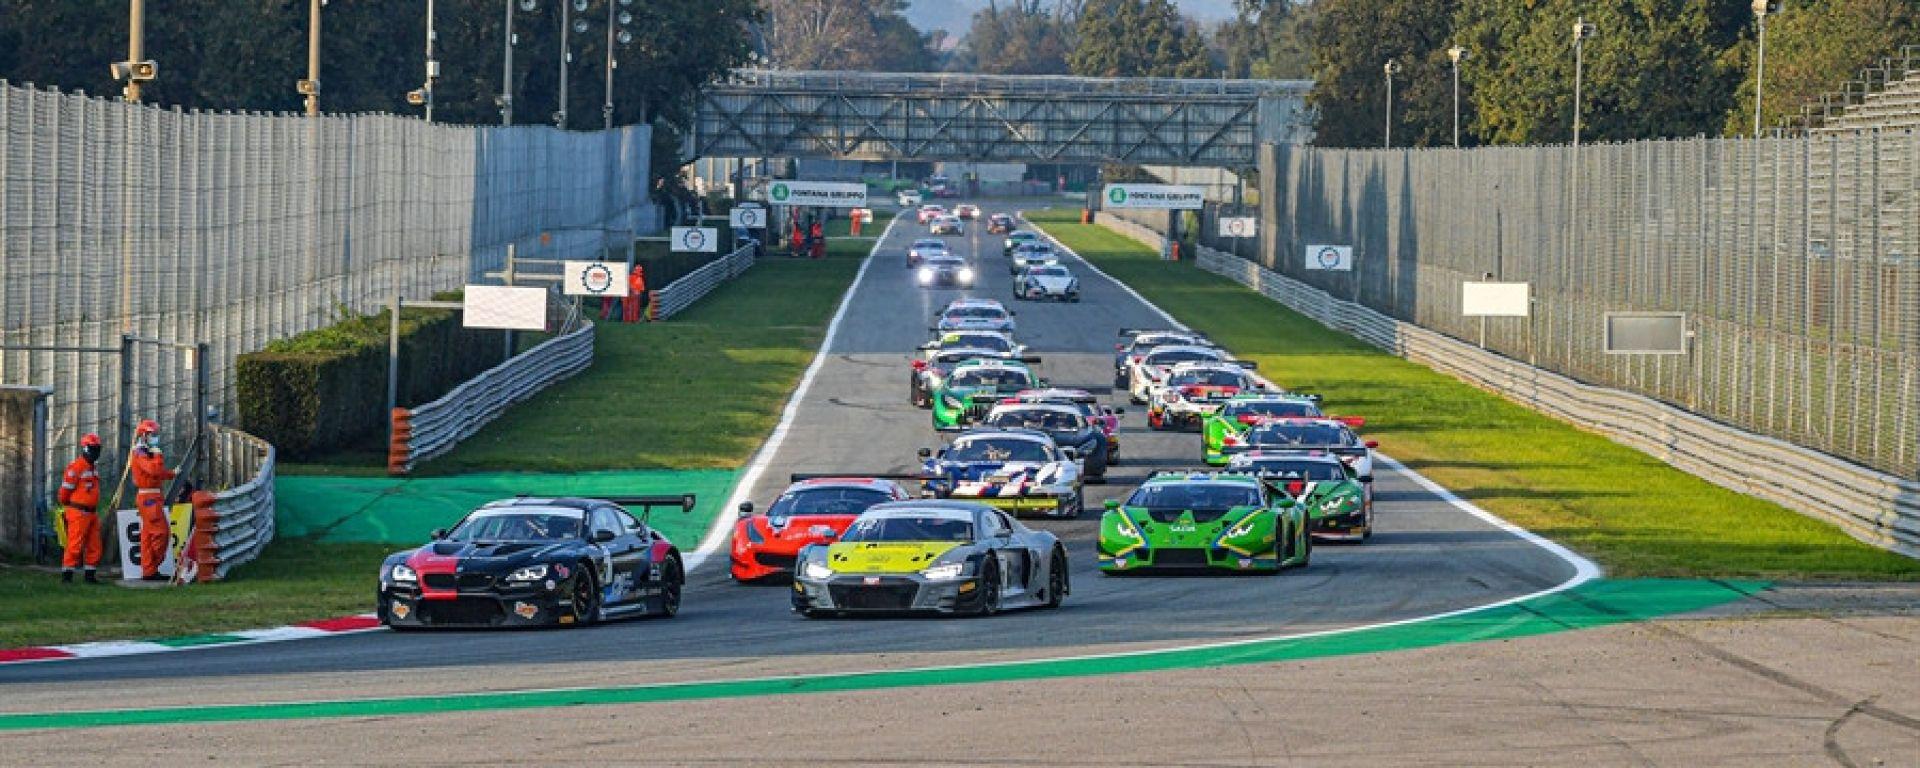 CIGT 2020, gara di Monza